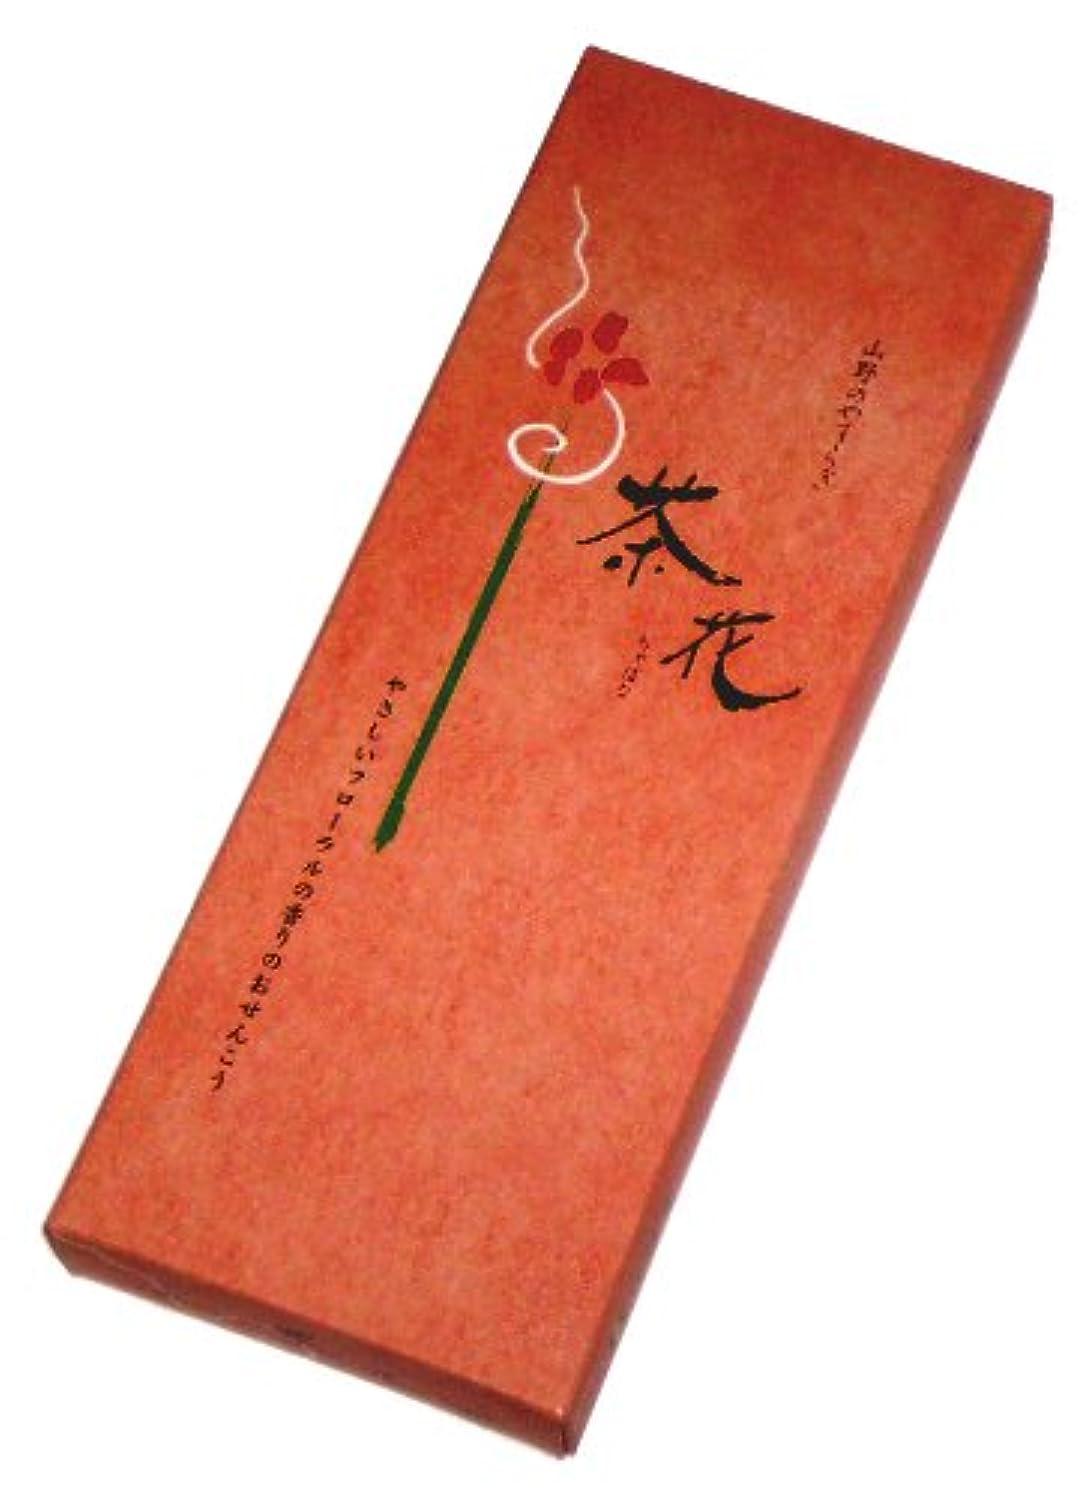 アイスクリーム区セラフ尚林堂のお線香 茶花 有煙 長寸バラ